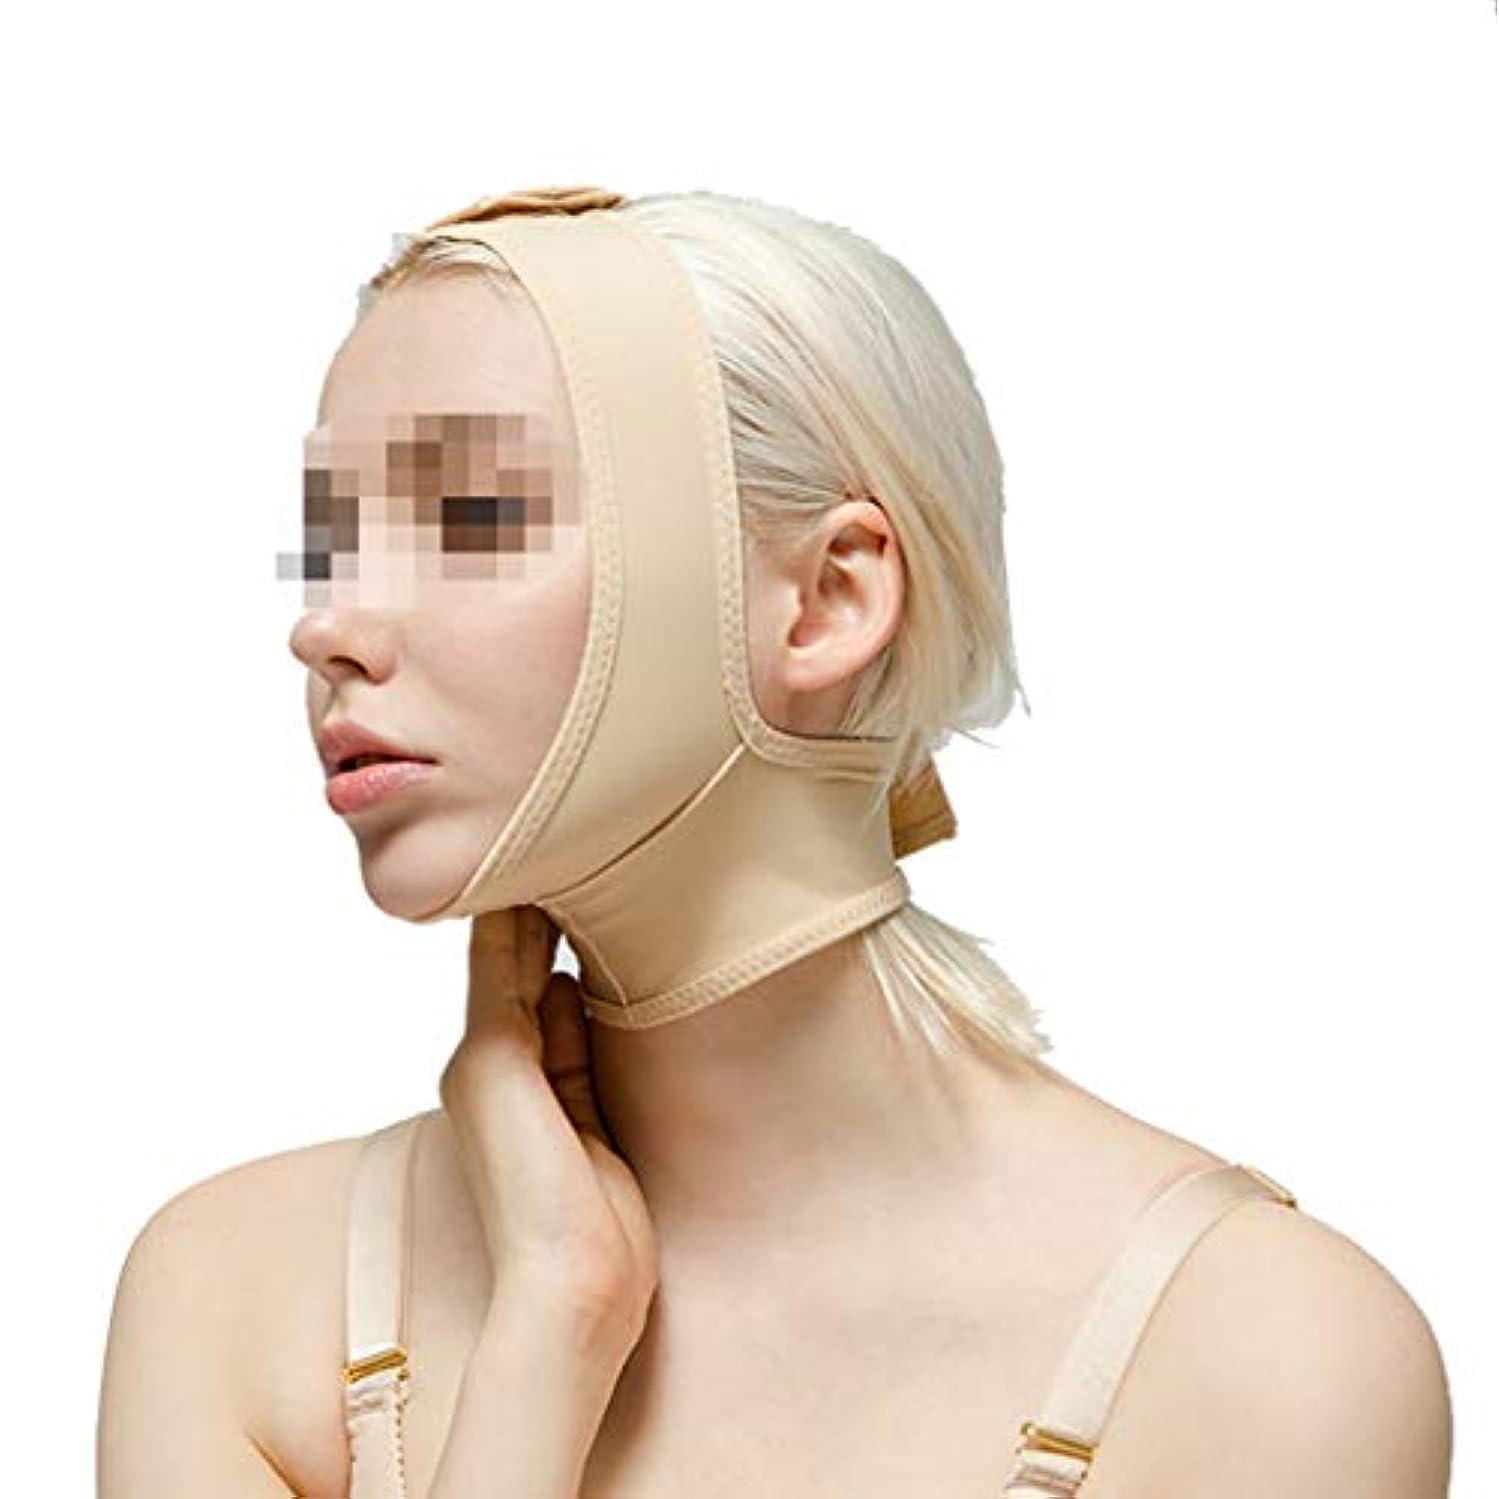 反乱摂動傘XHLMRMJ 術後の弾性スリーブ、下顎の束フェイス包帯フェイシャルビームダブルチンシンフェイスマスクマルチサイズオプション (Size : XXL)